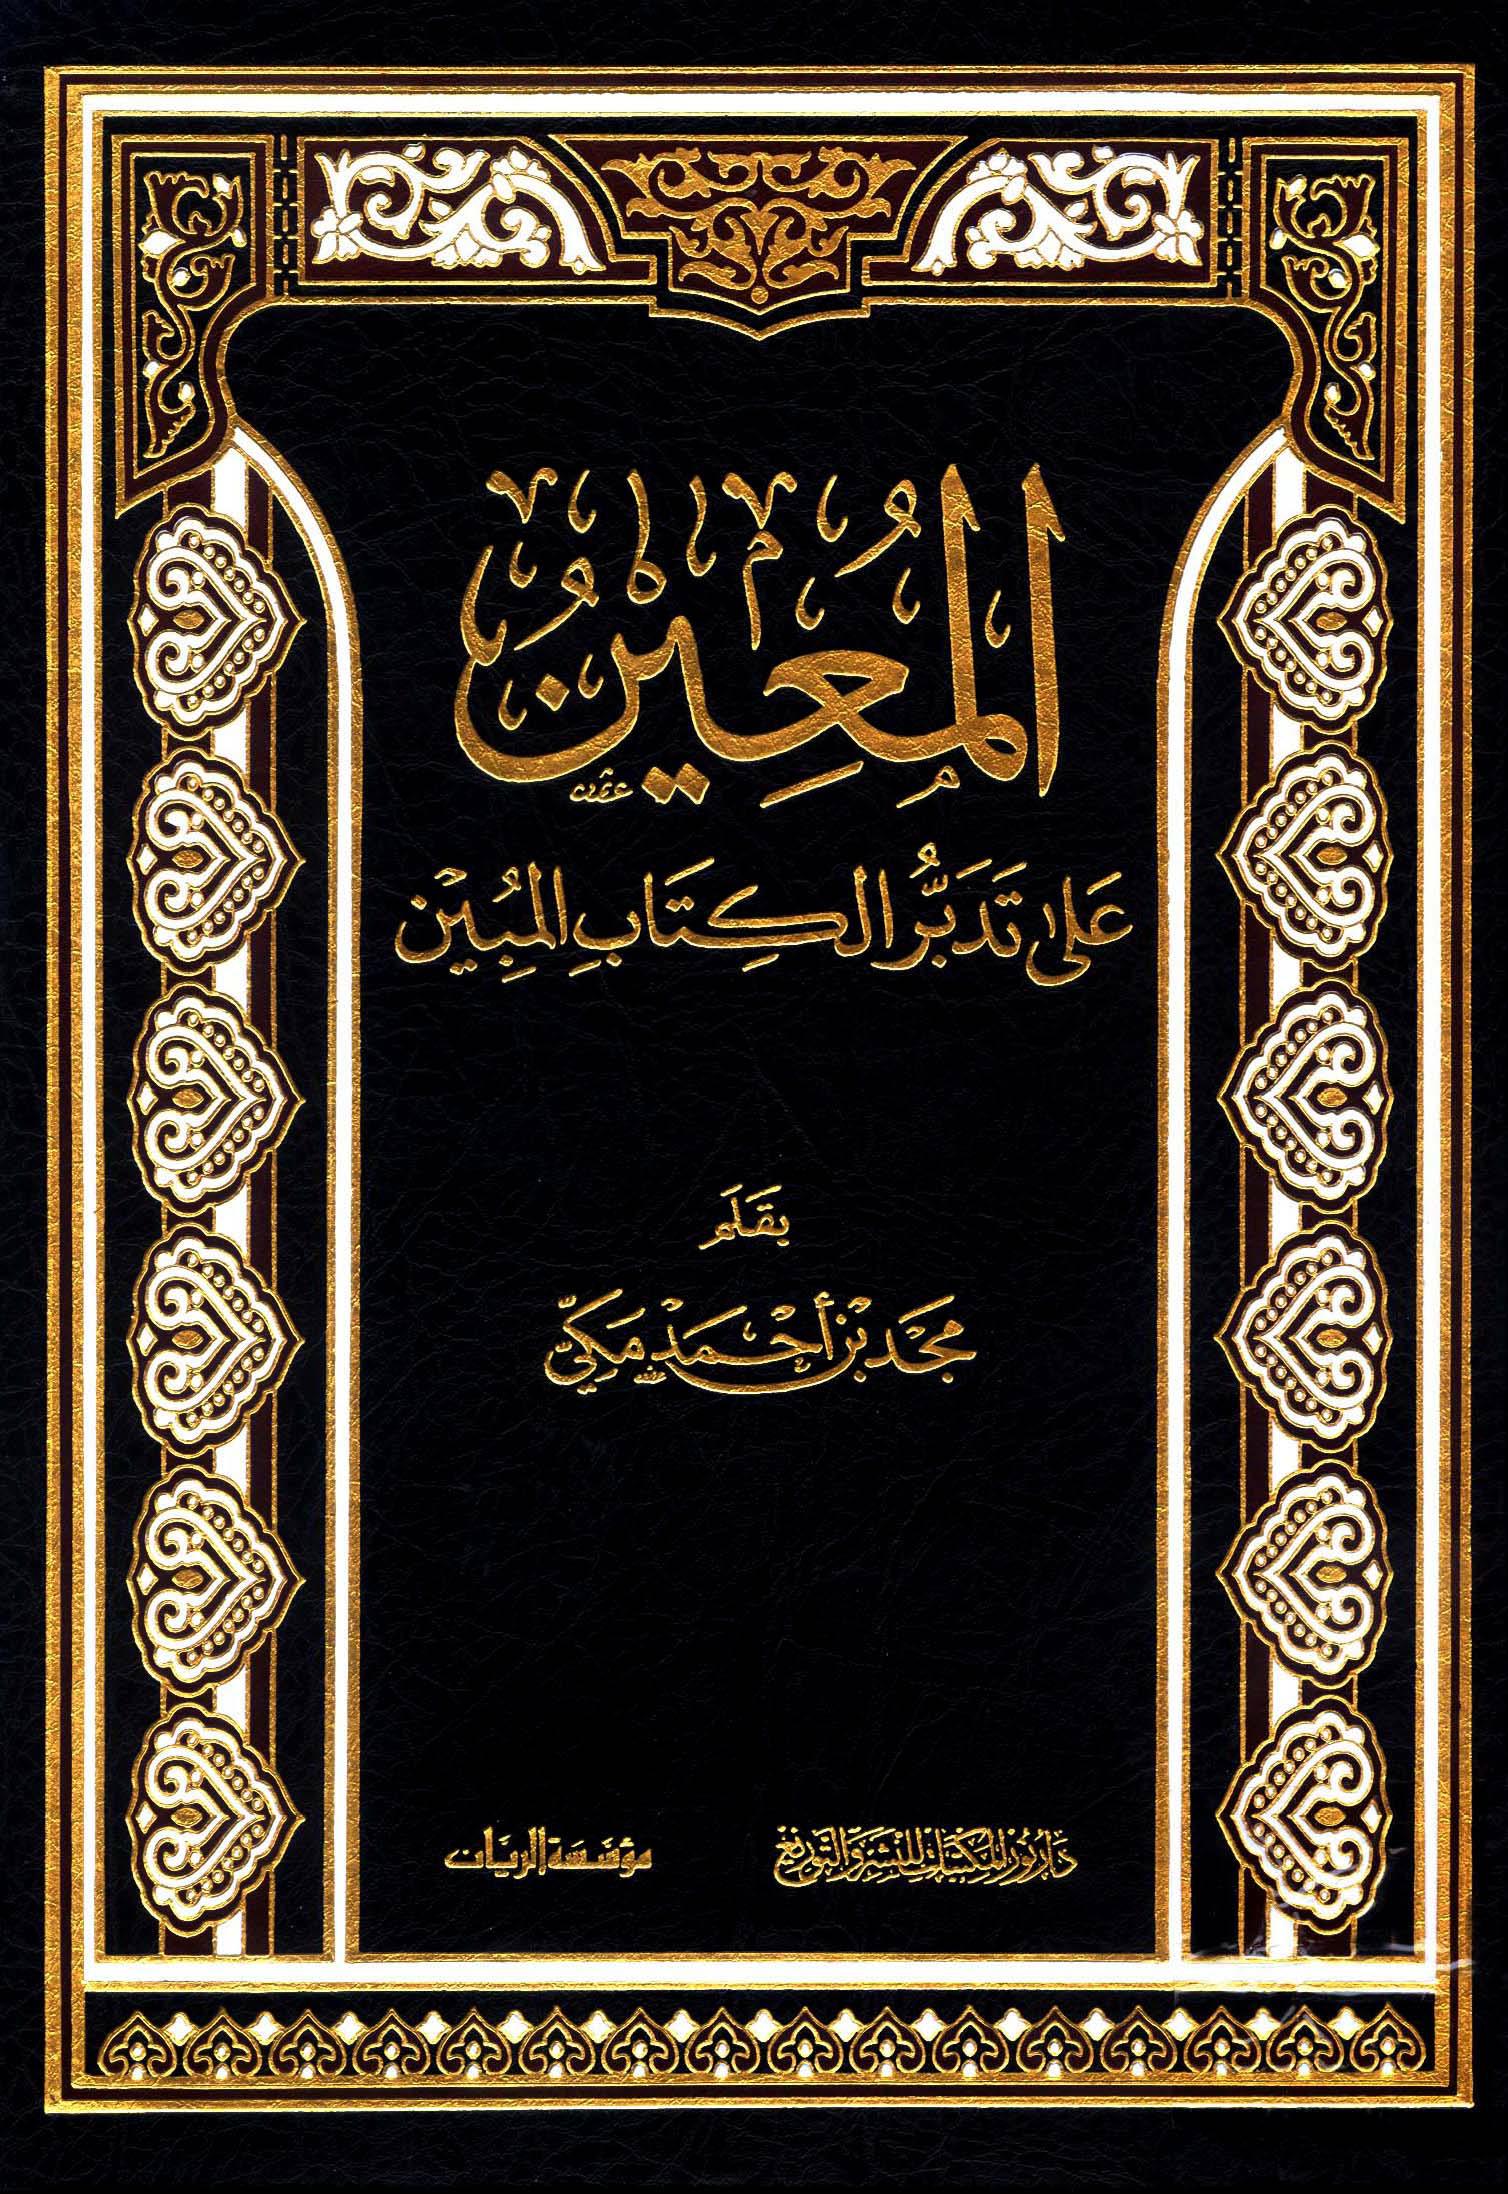 تحميل كتاب المعين على تدبر الكتاب المبين لـِ: الدكتور مجد بن أحمد مكي